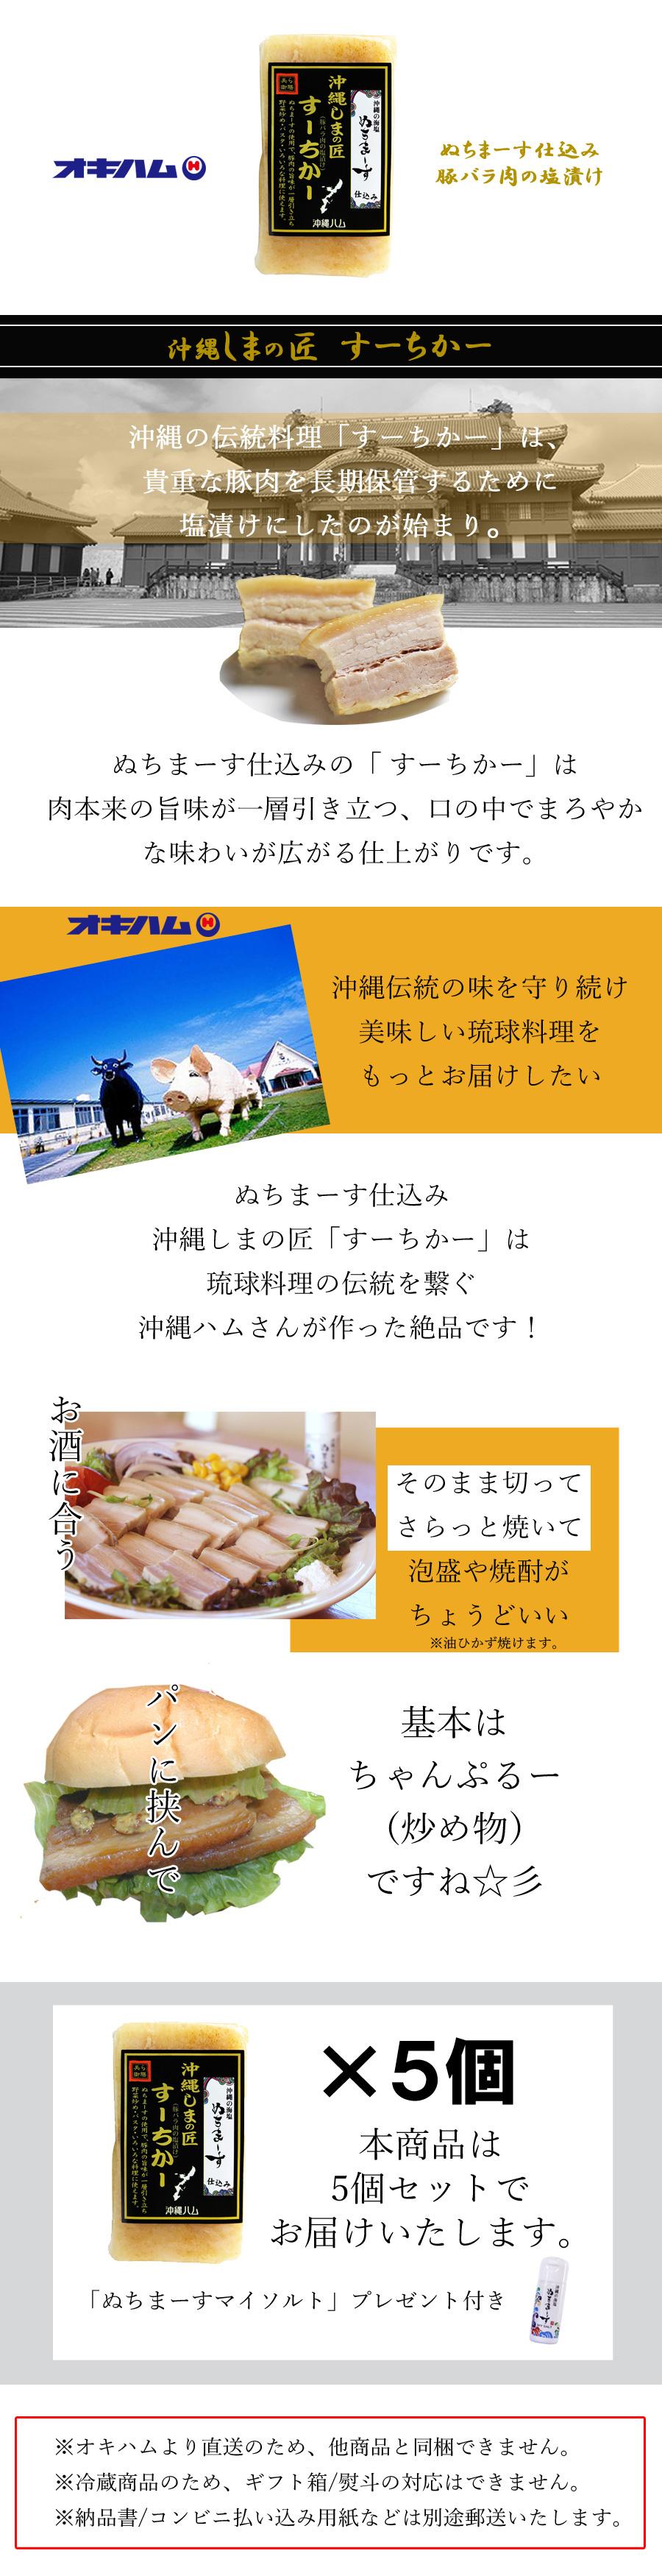 ぬちまーす仕込みの沖縄伝統料理すーちかー、お酒のつまみにちょうどよし